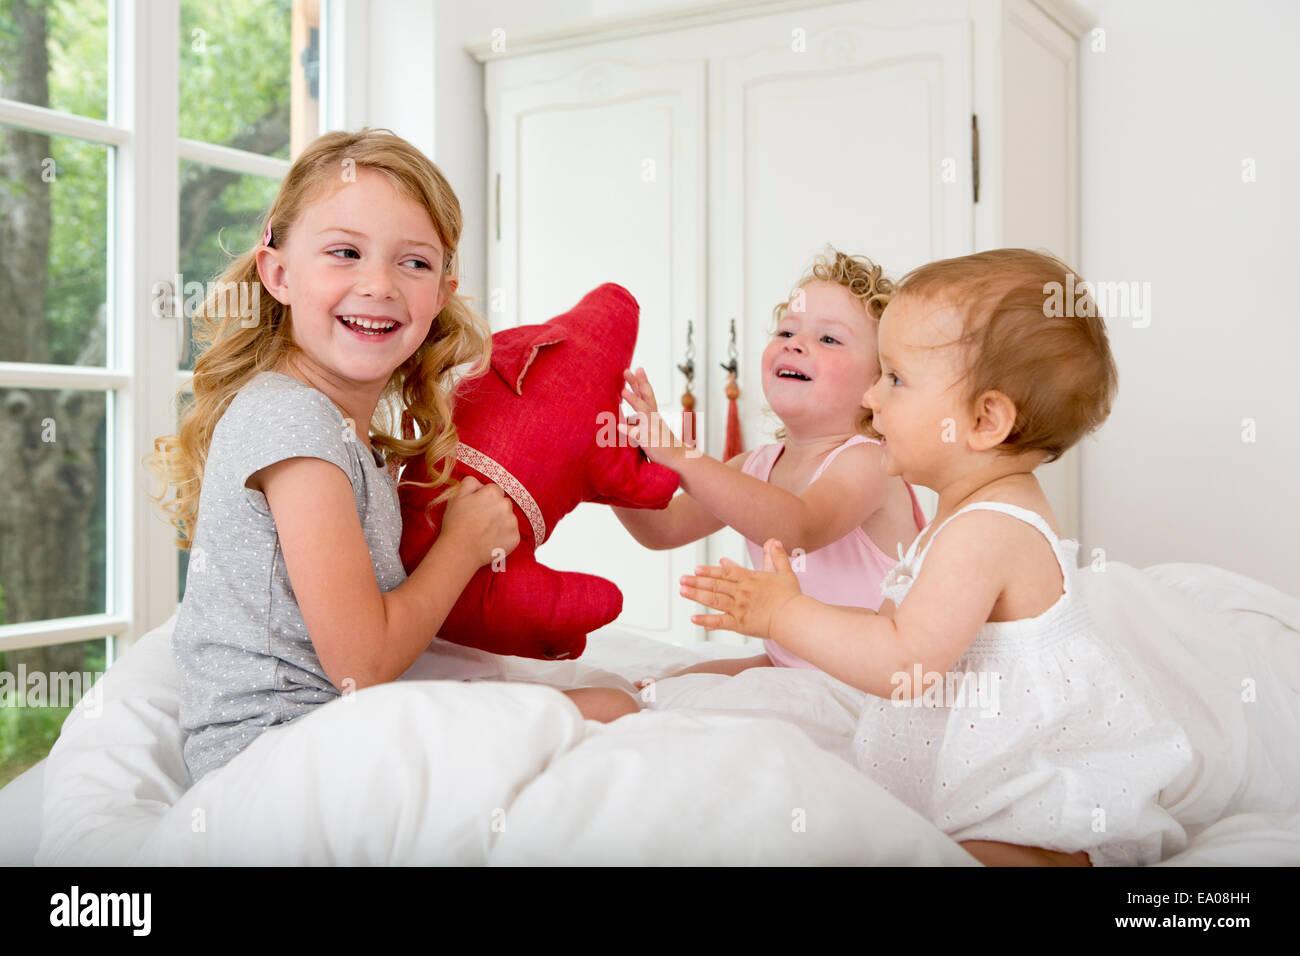 Drei Mädchen auf dem Bett mit weichen Spielzeug spielen Stockbild